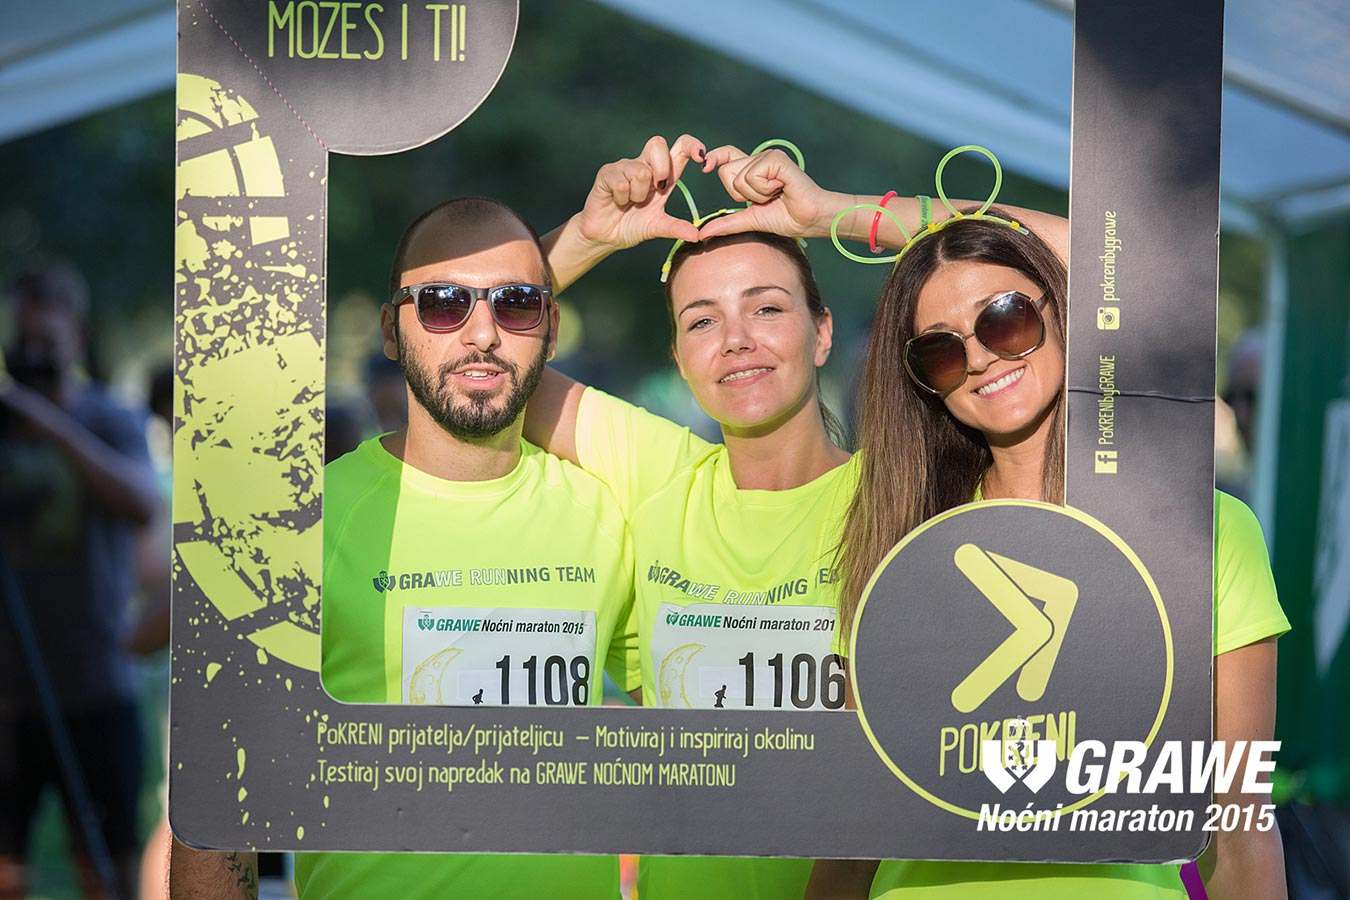 grawe-running-team-2015-naslovna